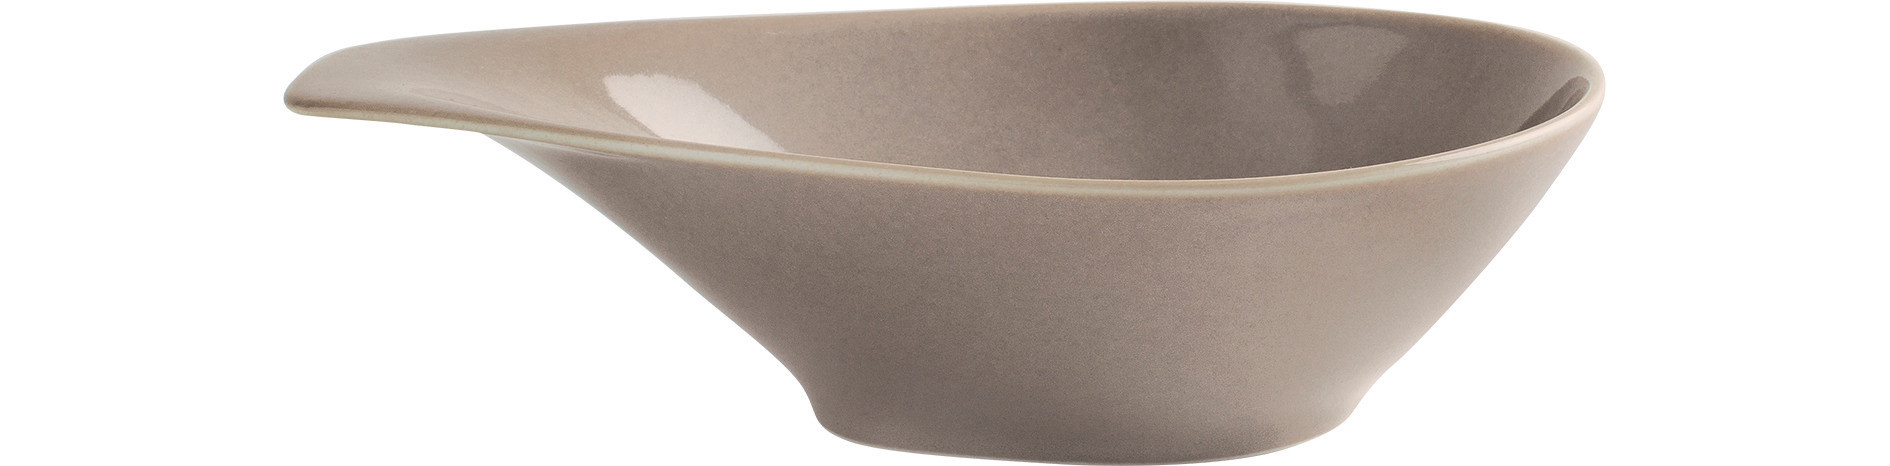 Homestyle, Schale mit Griff 237 x 162 mm / 0,60 l desert sand